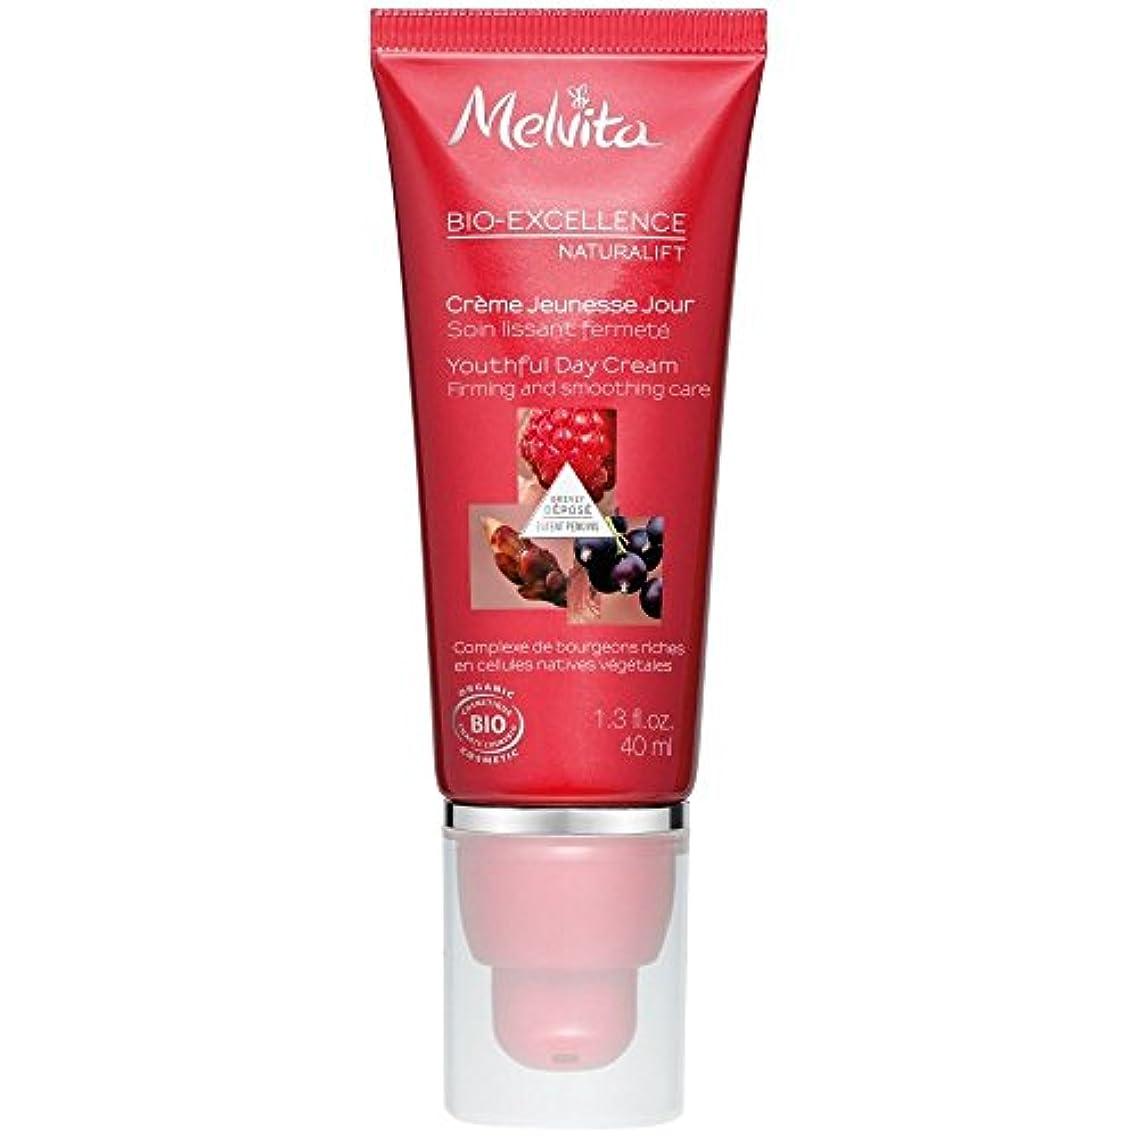 溶けた瞑想的無駄に[Melvita] メルヴィータバイオ優秀若々しいデイクリーム、40ミリリットル - Melvita Bio-Excellence Youthful Day Cream, 40ml [並行輸入品]